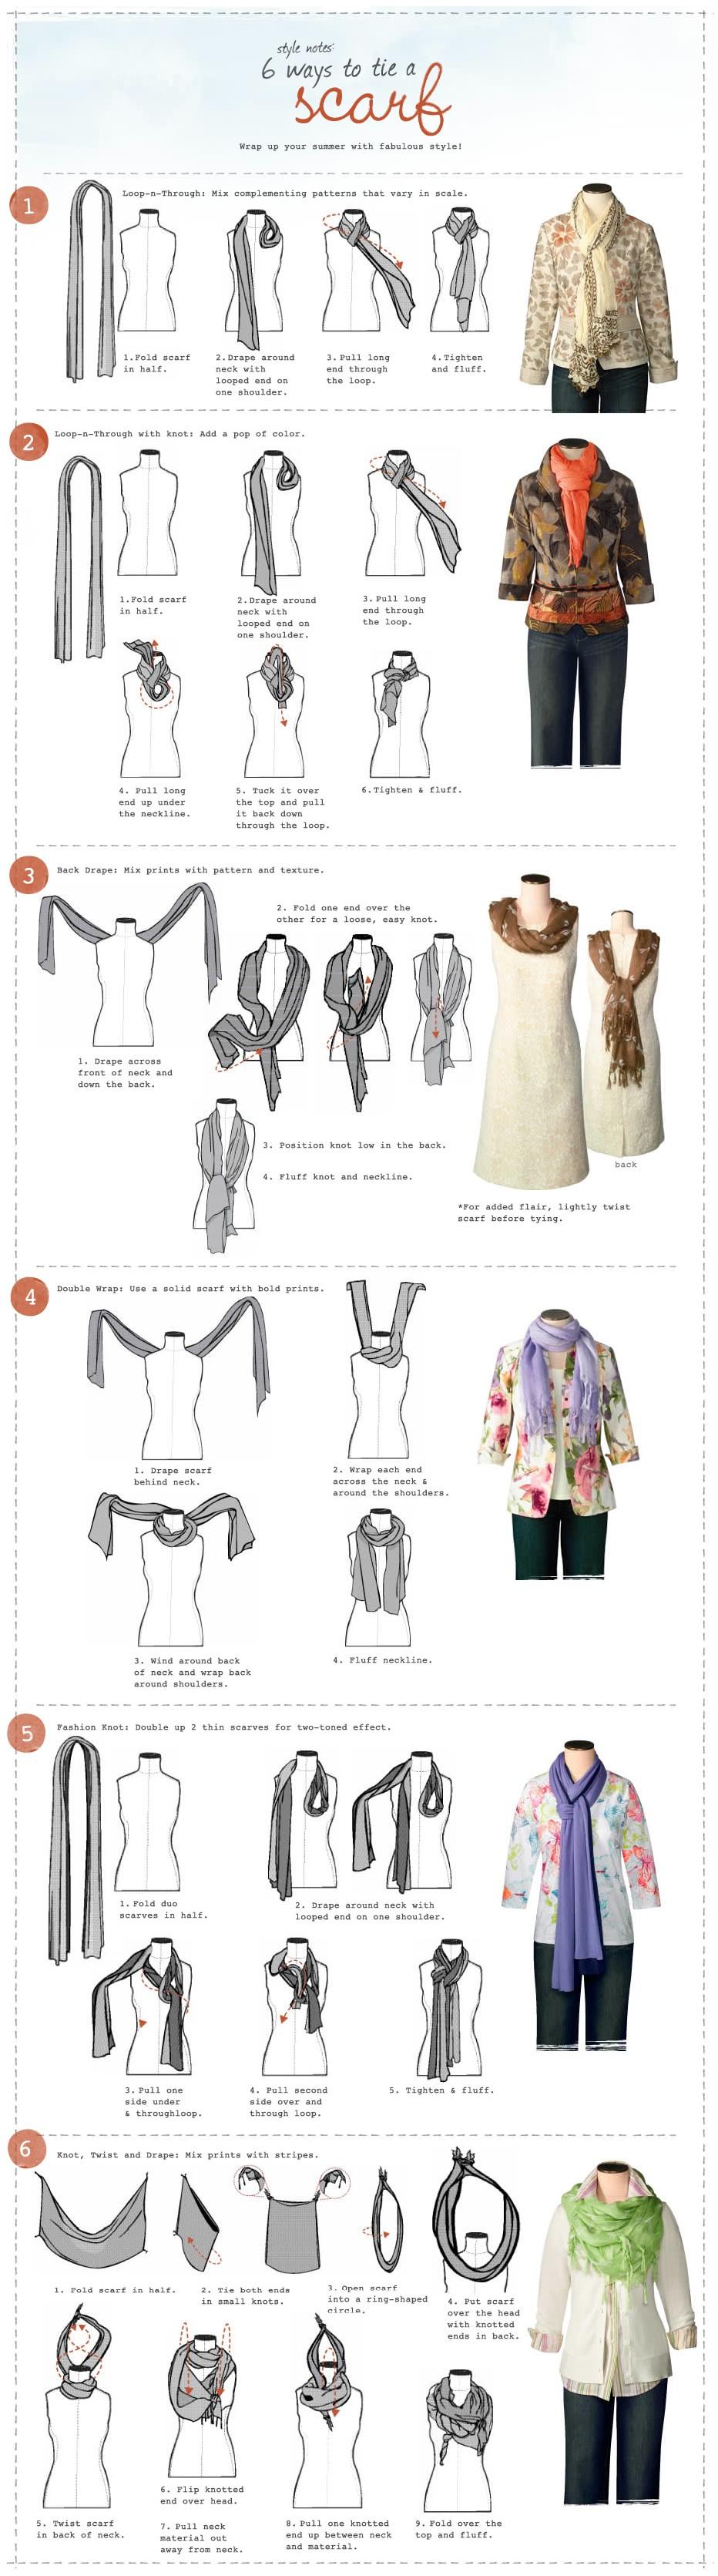 6 Ways to tie a scarf.